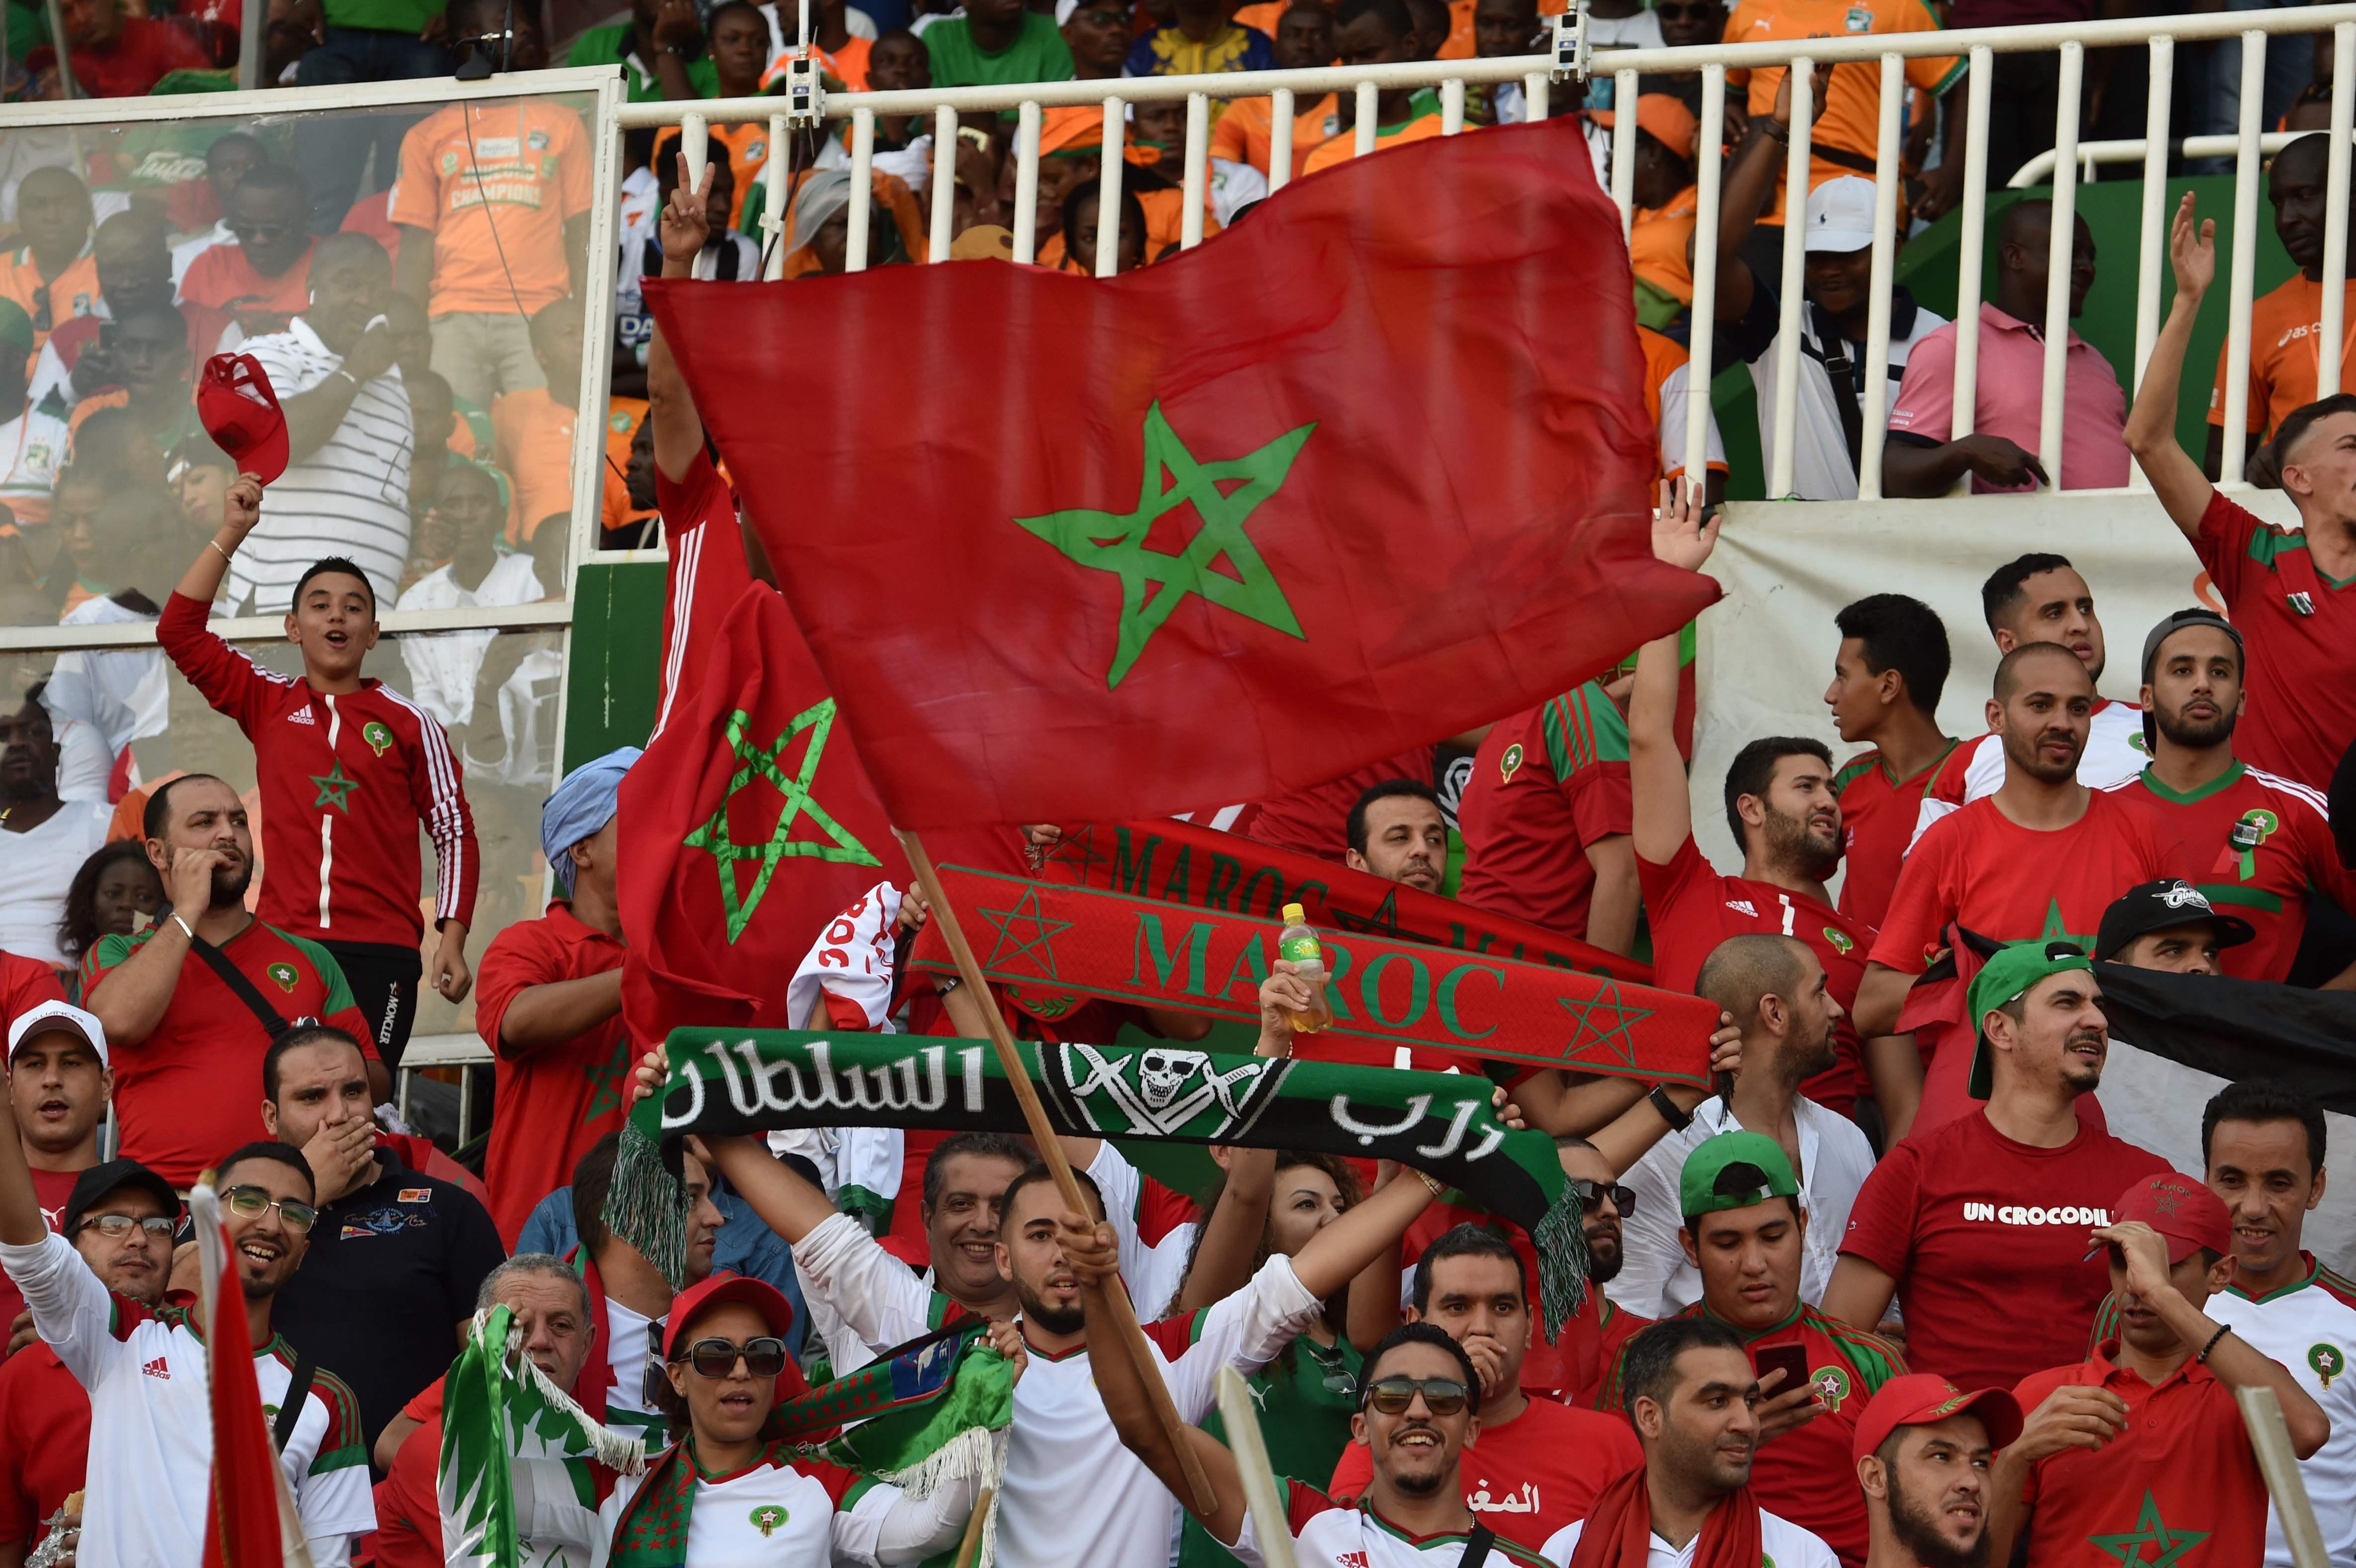 Morocco fans celebrate beating Ivory Coast